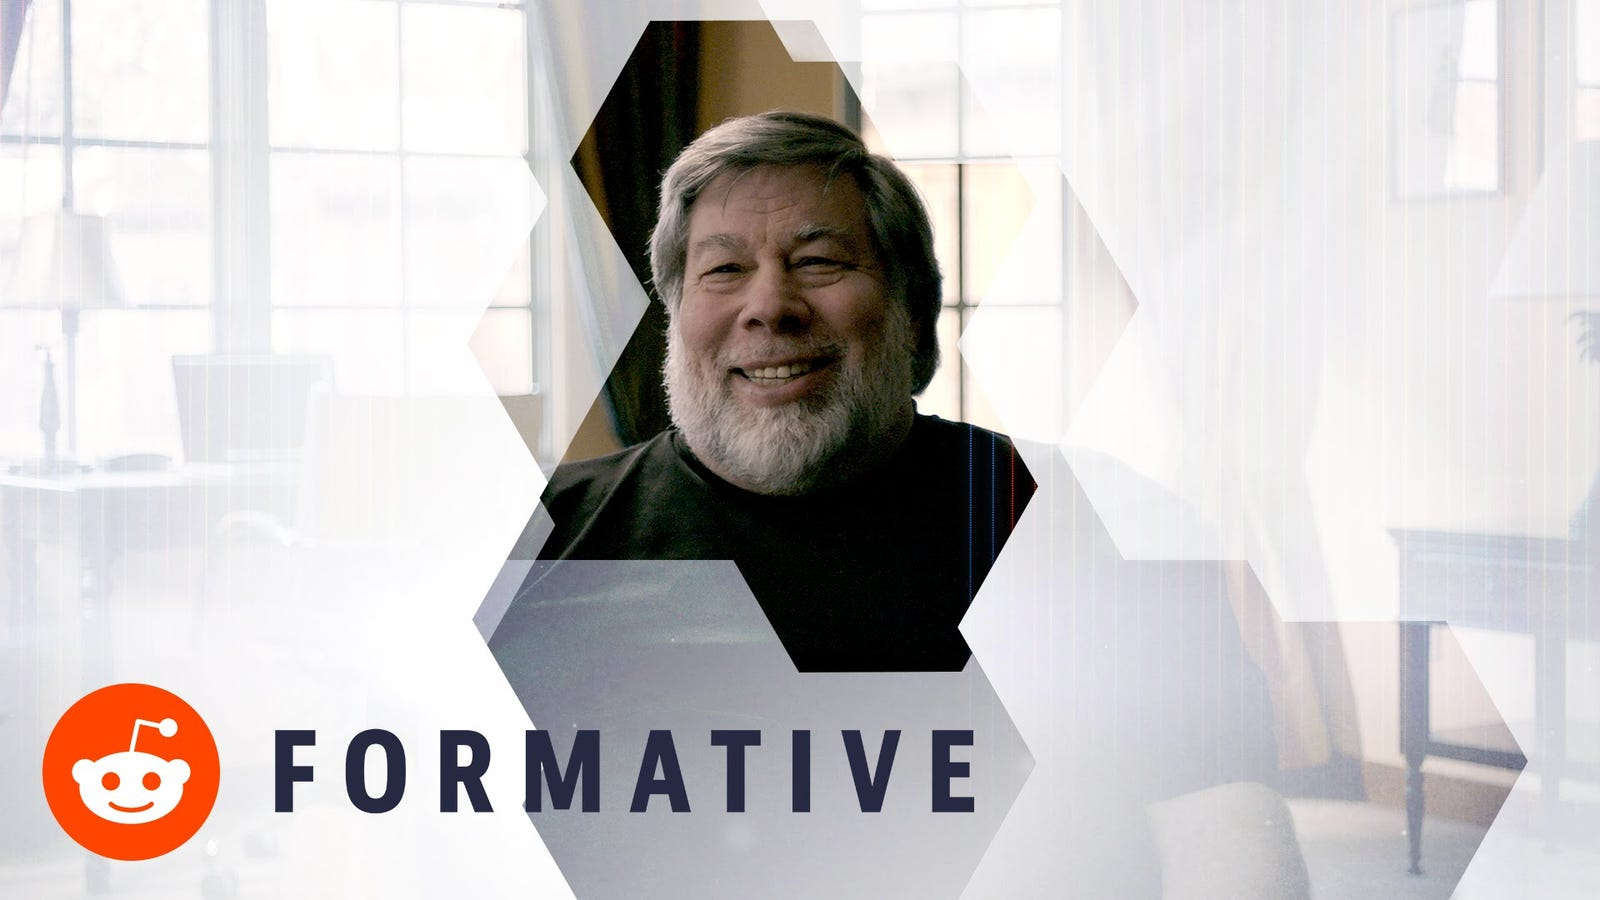 Steve Wozniak: Apple Wasn't Really Founded In a Garage